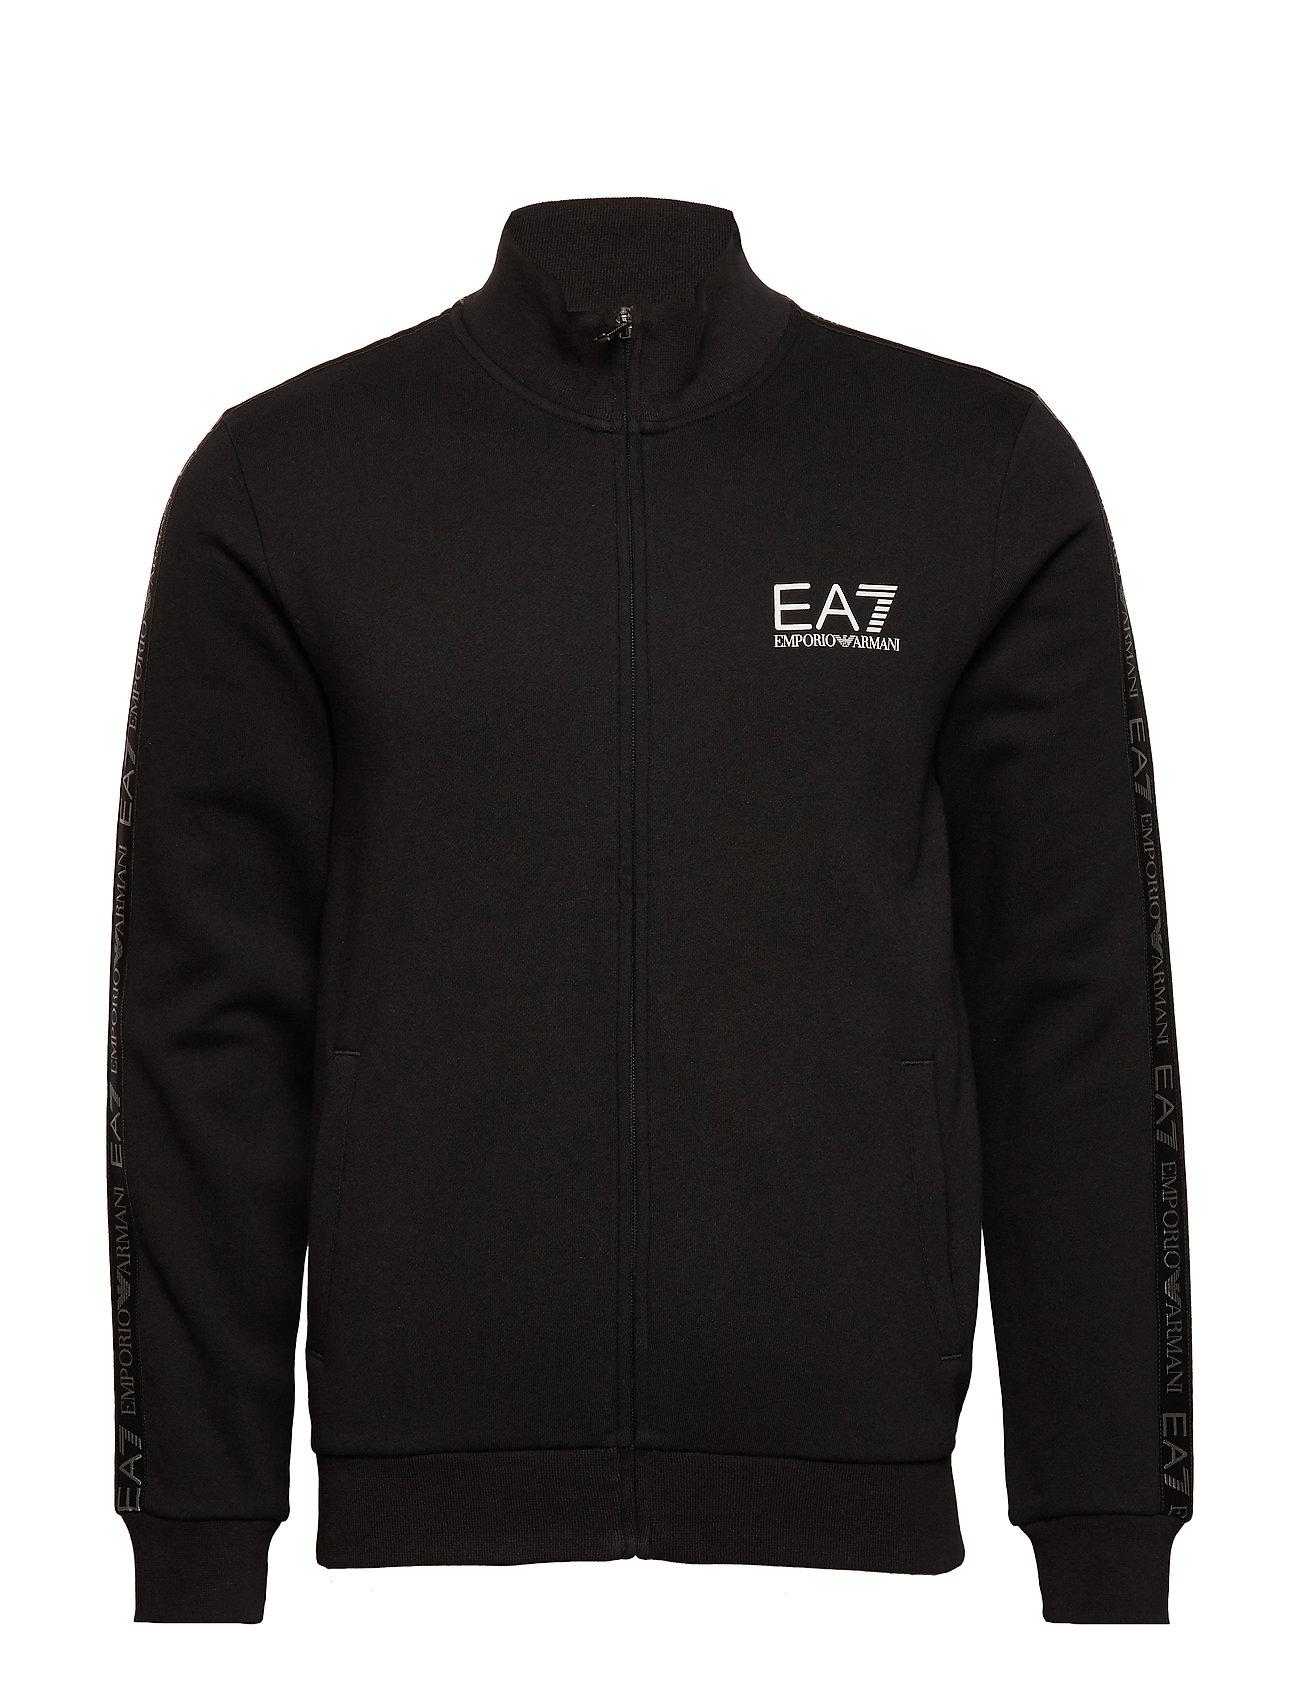 EA7 ZIP SWEATSHIRT - BLACK